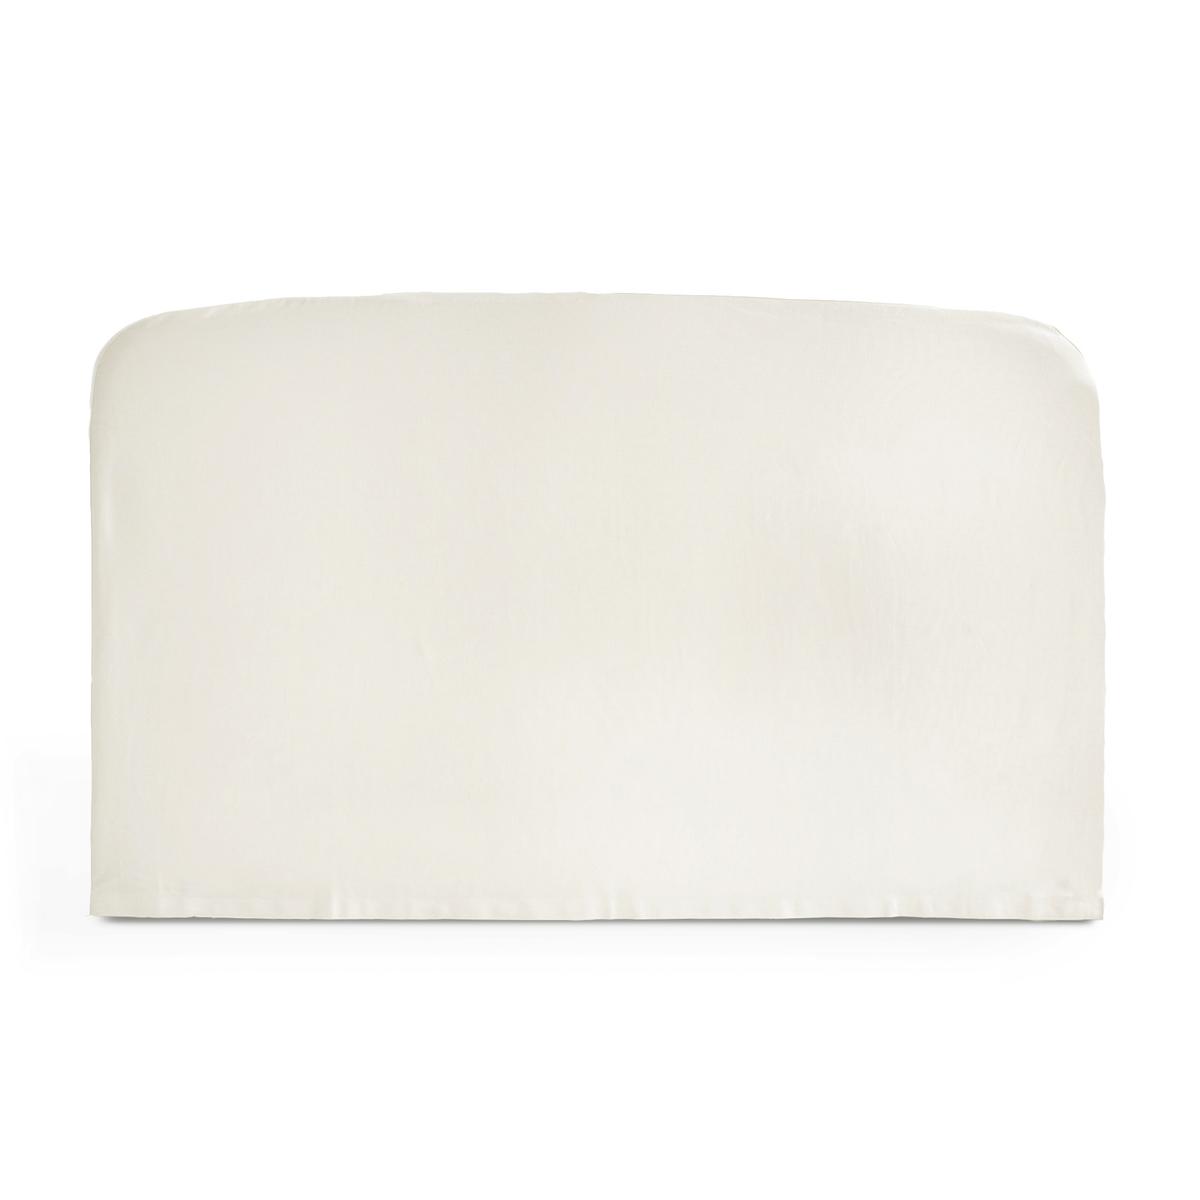 Чехол La Redoute Для изголовья кровати округлой формы из хлопка SCENARIO 160 x 85 см белый подушка набивная для изголовья кровати aeri